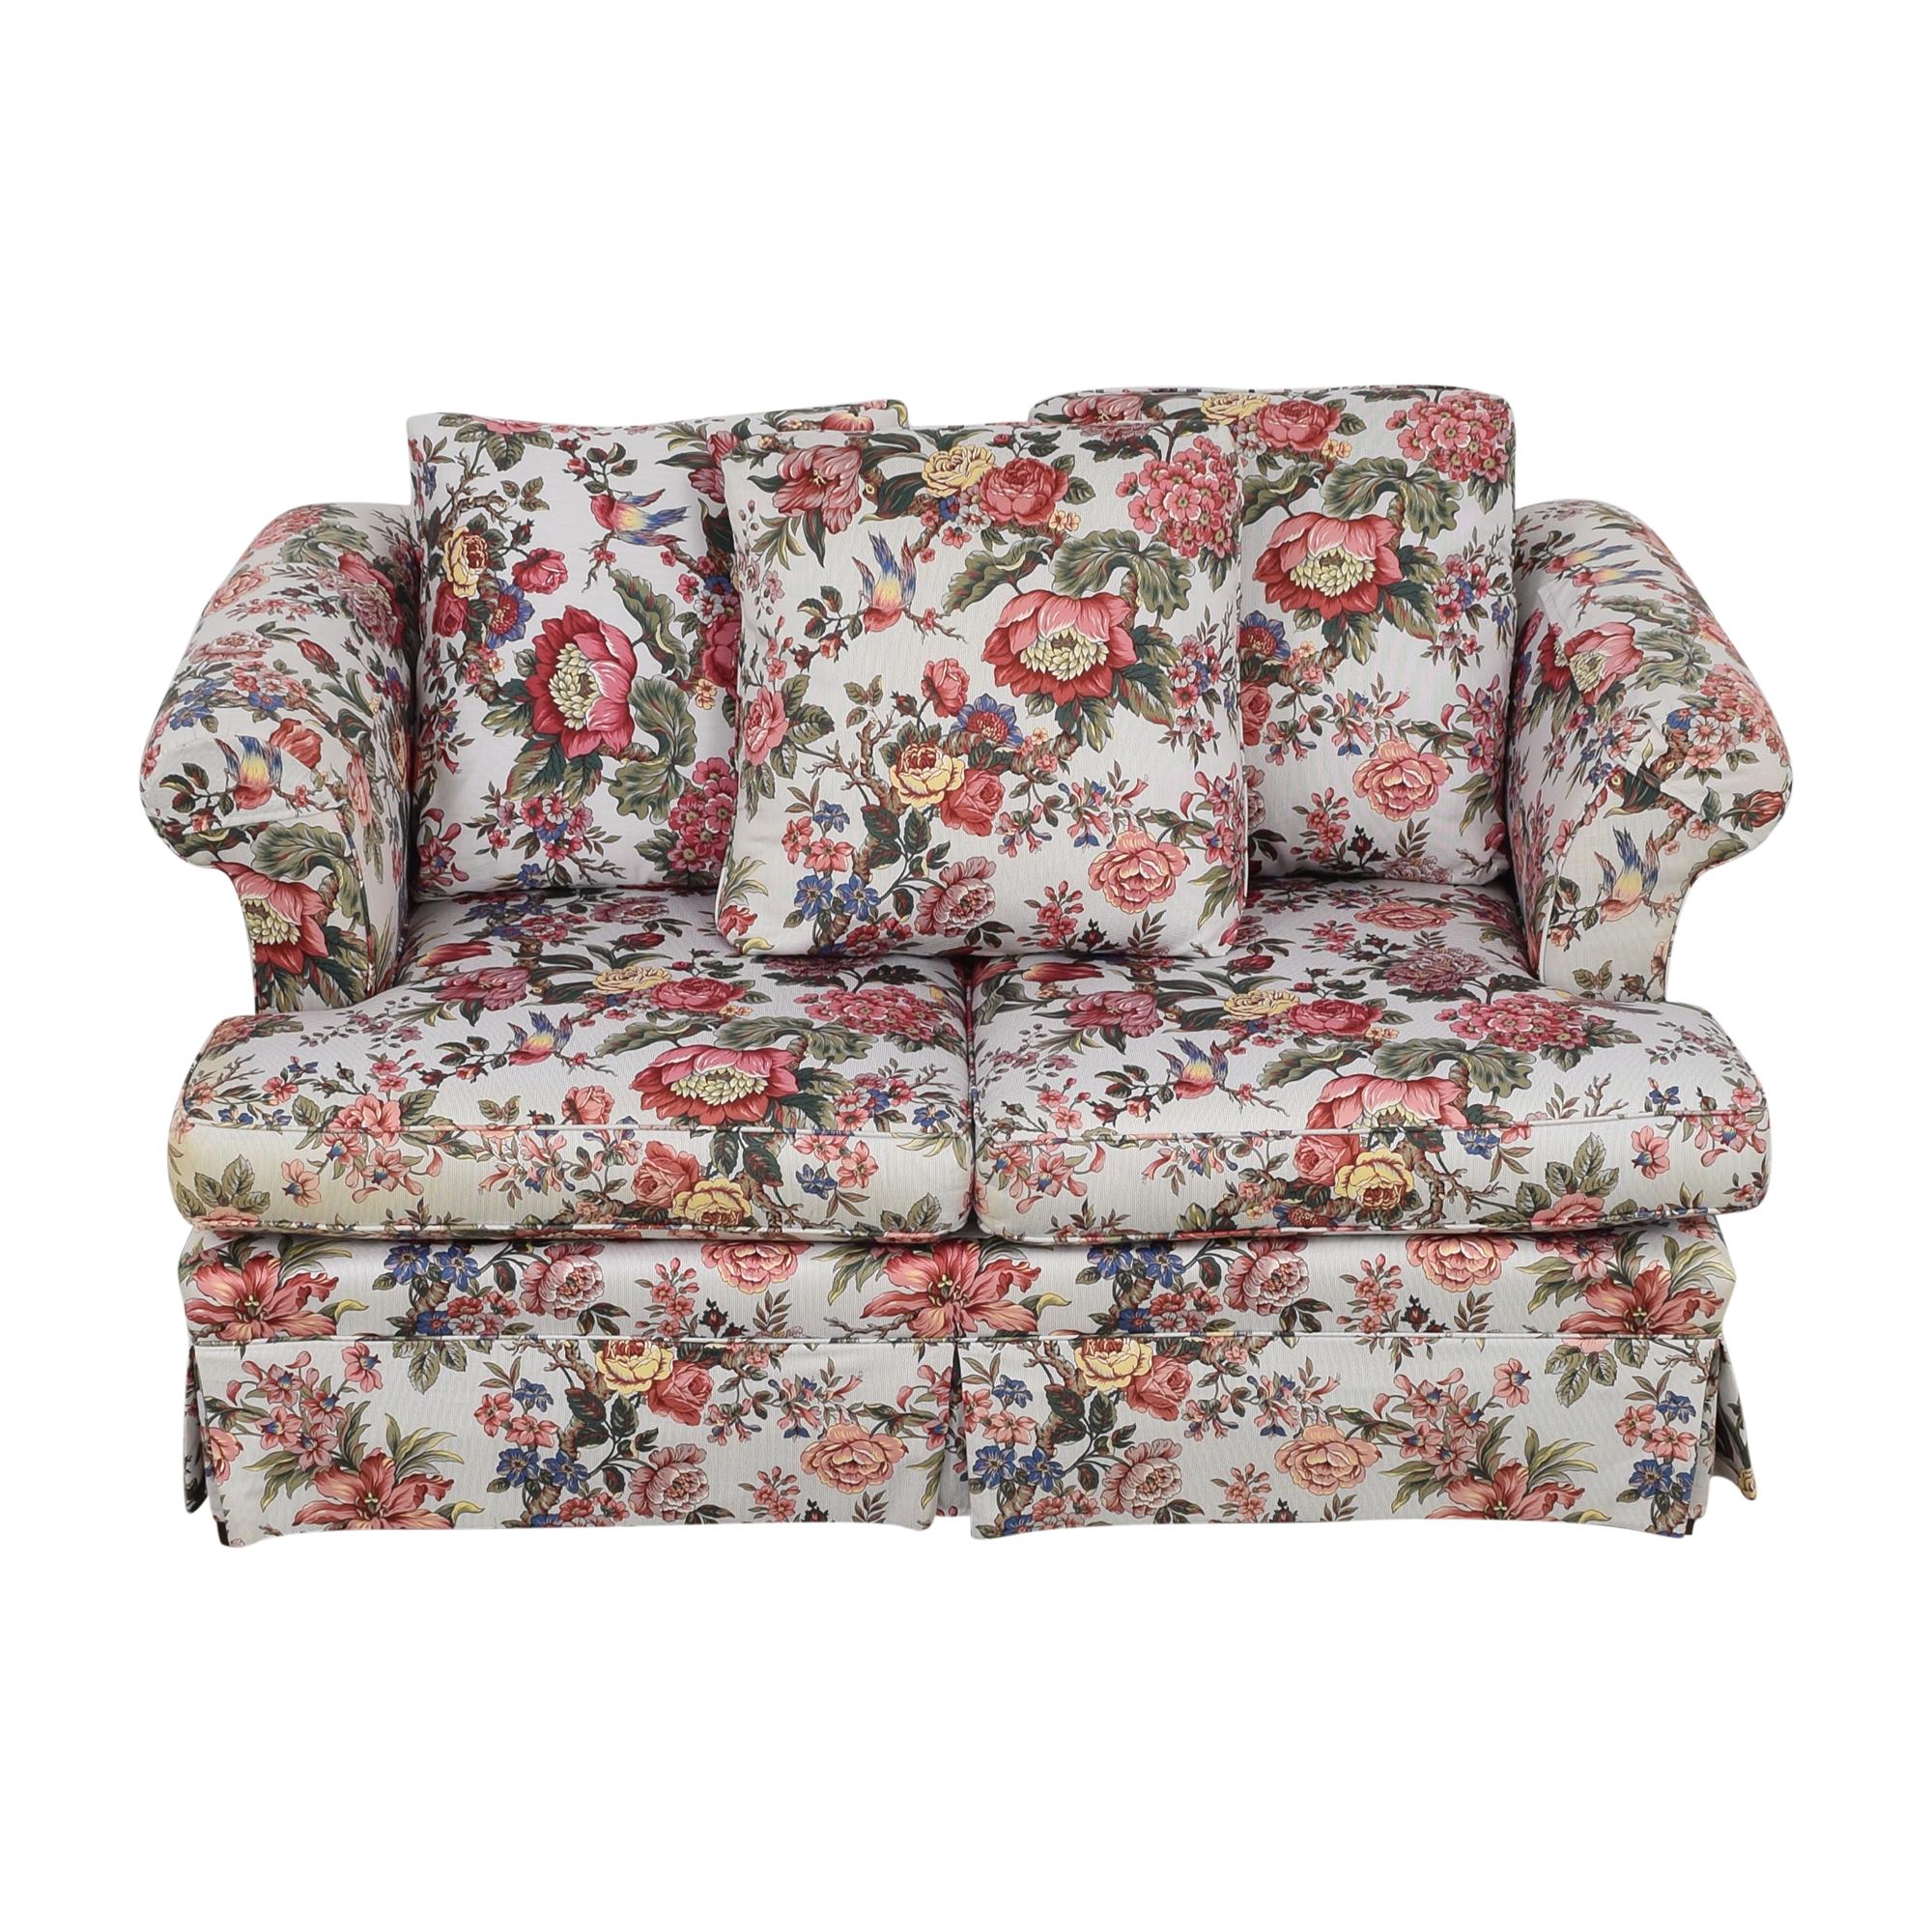 Bloomingdale's Bloomingdale's Custom Sofa coupon